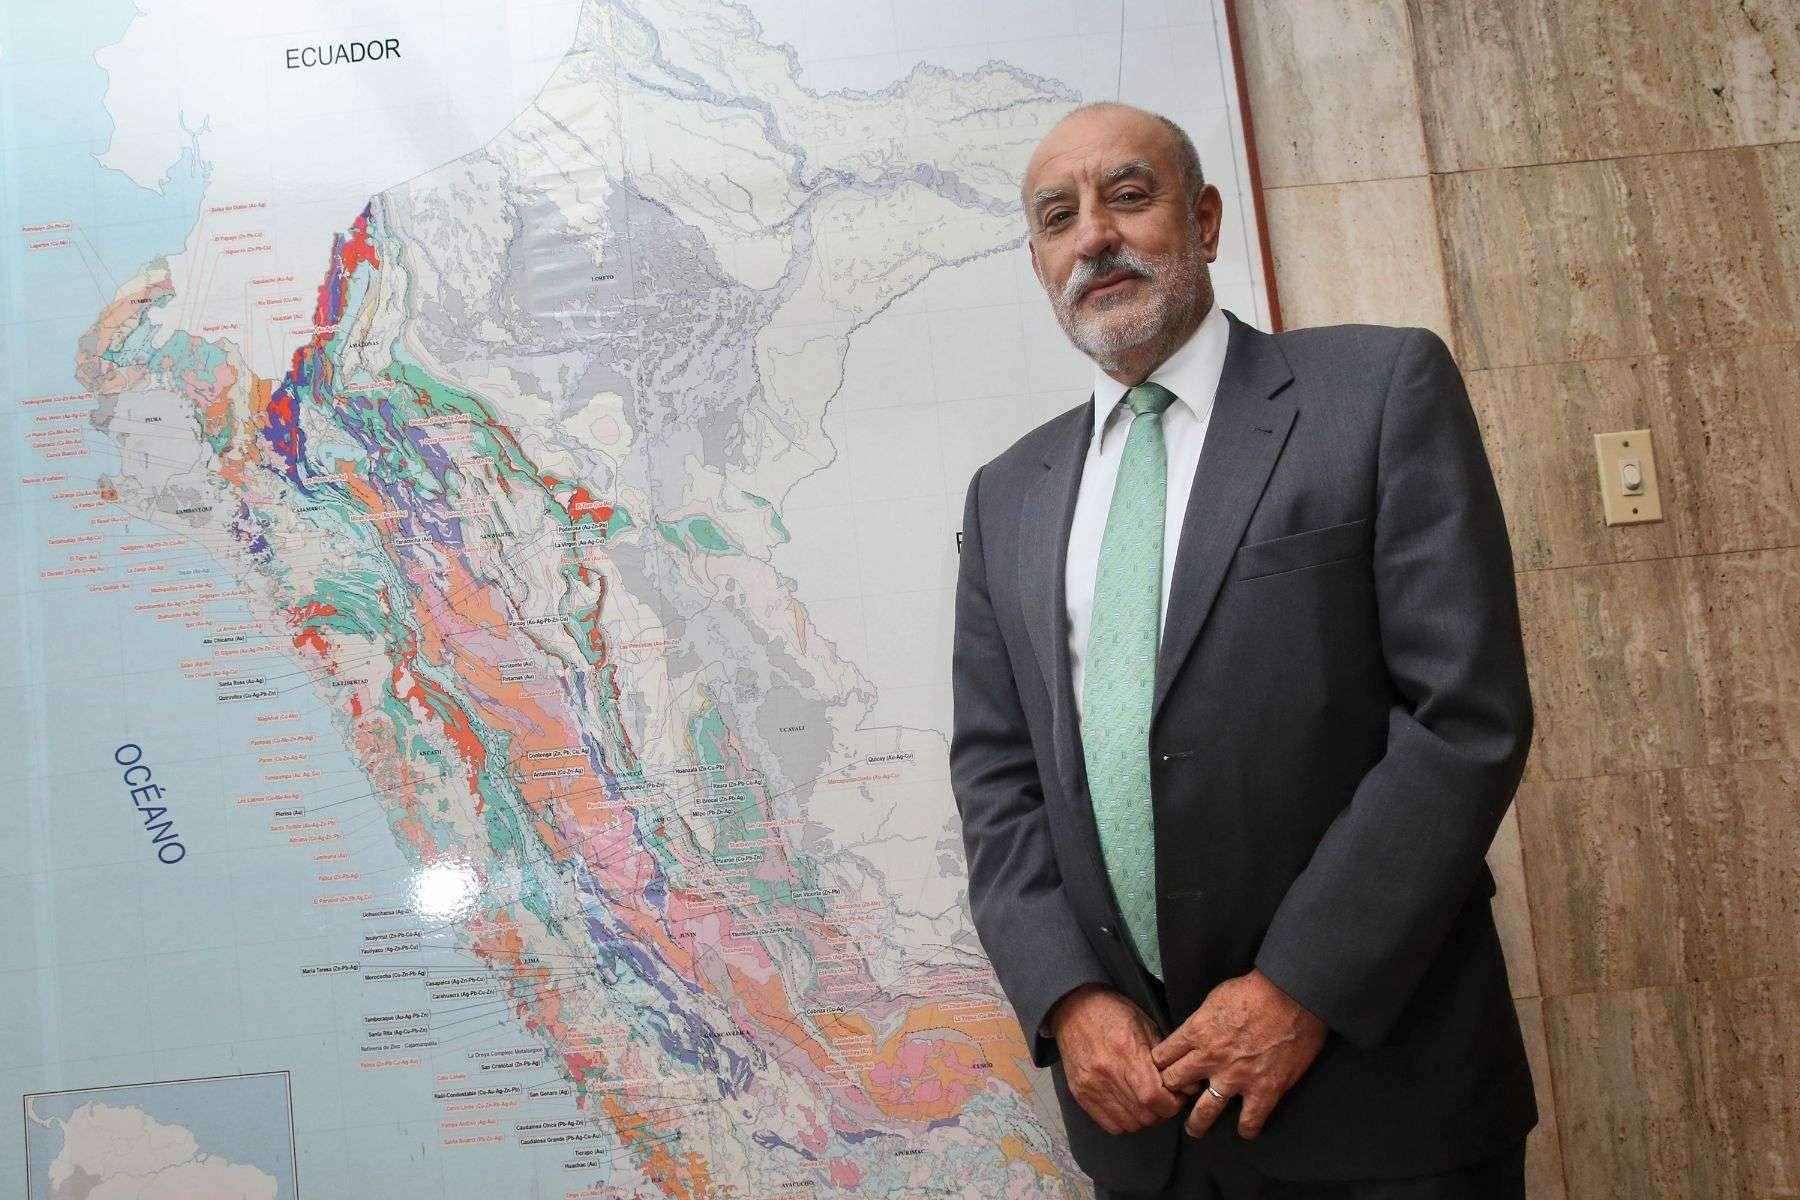 La oposición en el Congreso quiere presentar una denuncia contra el ministro Eleodoro Mayorga Foto: Andina